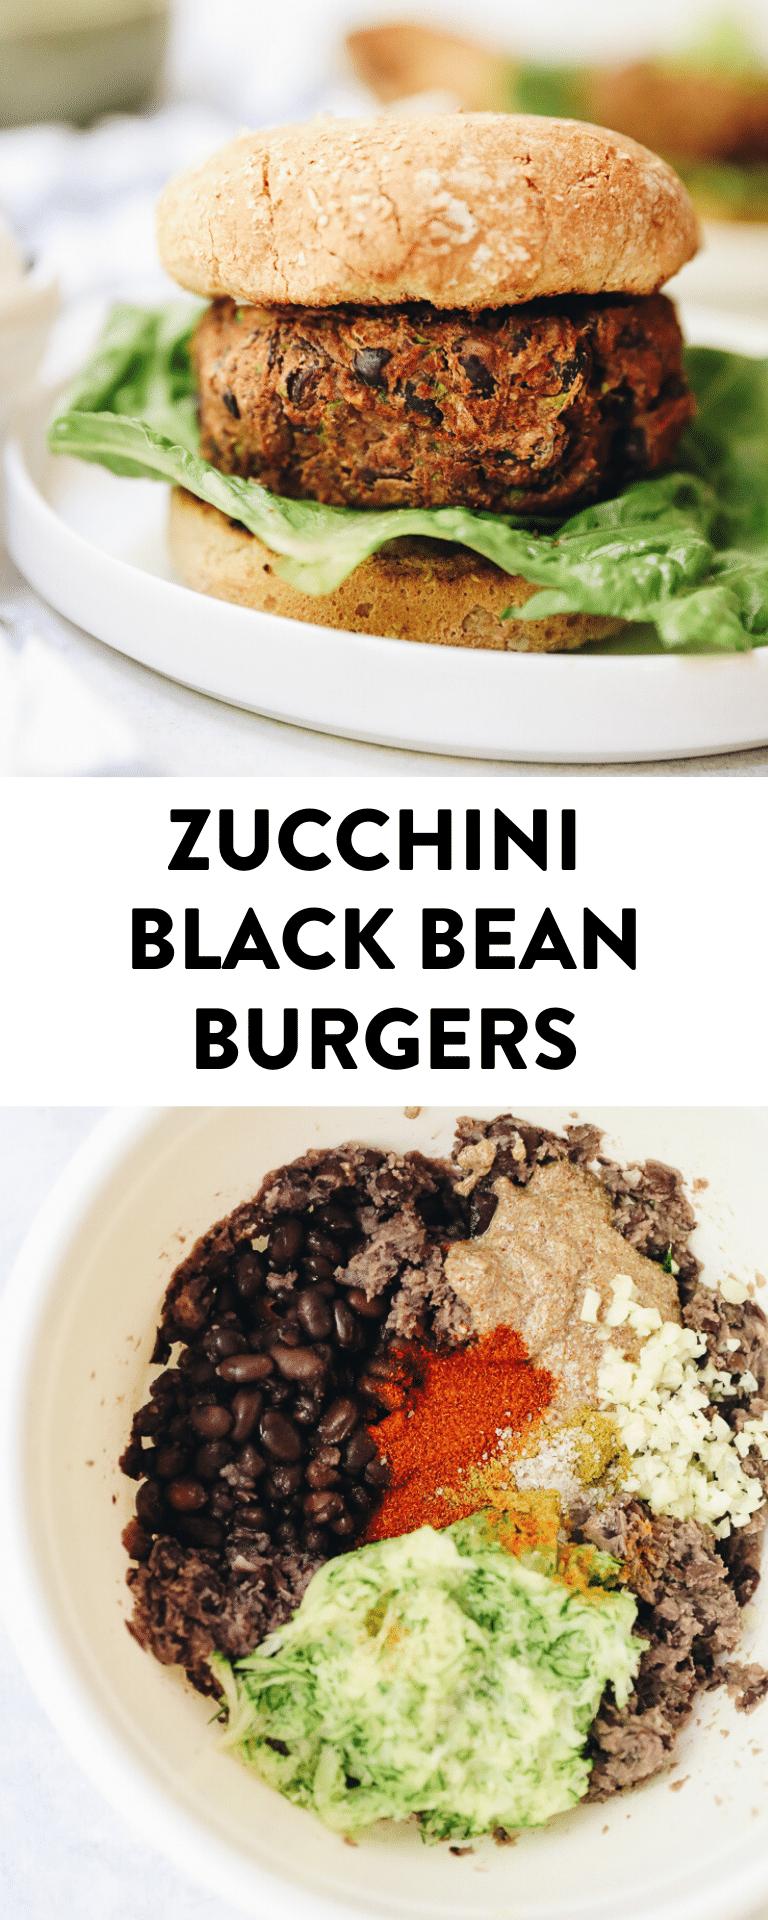 Zucchini Black Bean Burgers The Healthy Maven